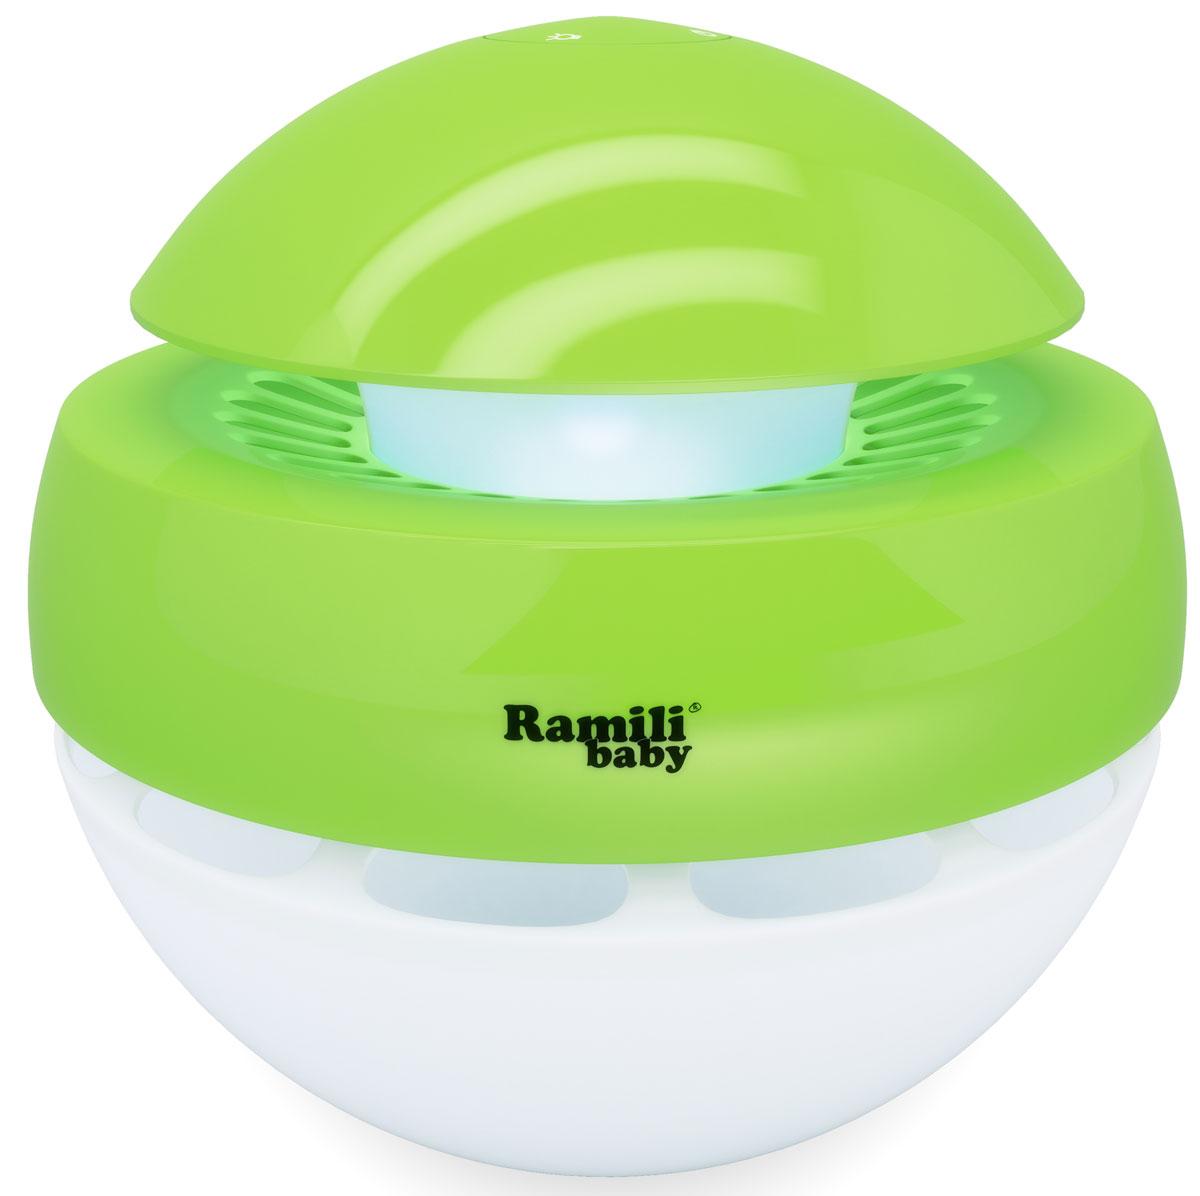 Ramili Увлажнитель воздуха ультразвуковой AH770AH770Ультразвуковой увлажнитель (без кипячения). Создаёт «Холодный туман» за секунды. Рассчитан для увлажнения комнаты до 30 квадратных метров (в закрытом помещении). Объём контейнера для воды – 1 литр.